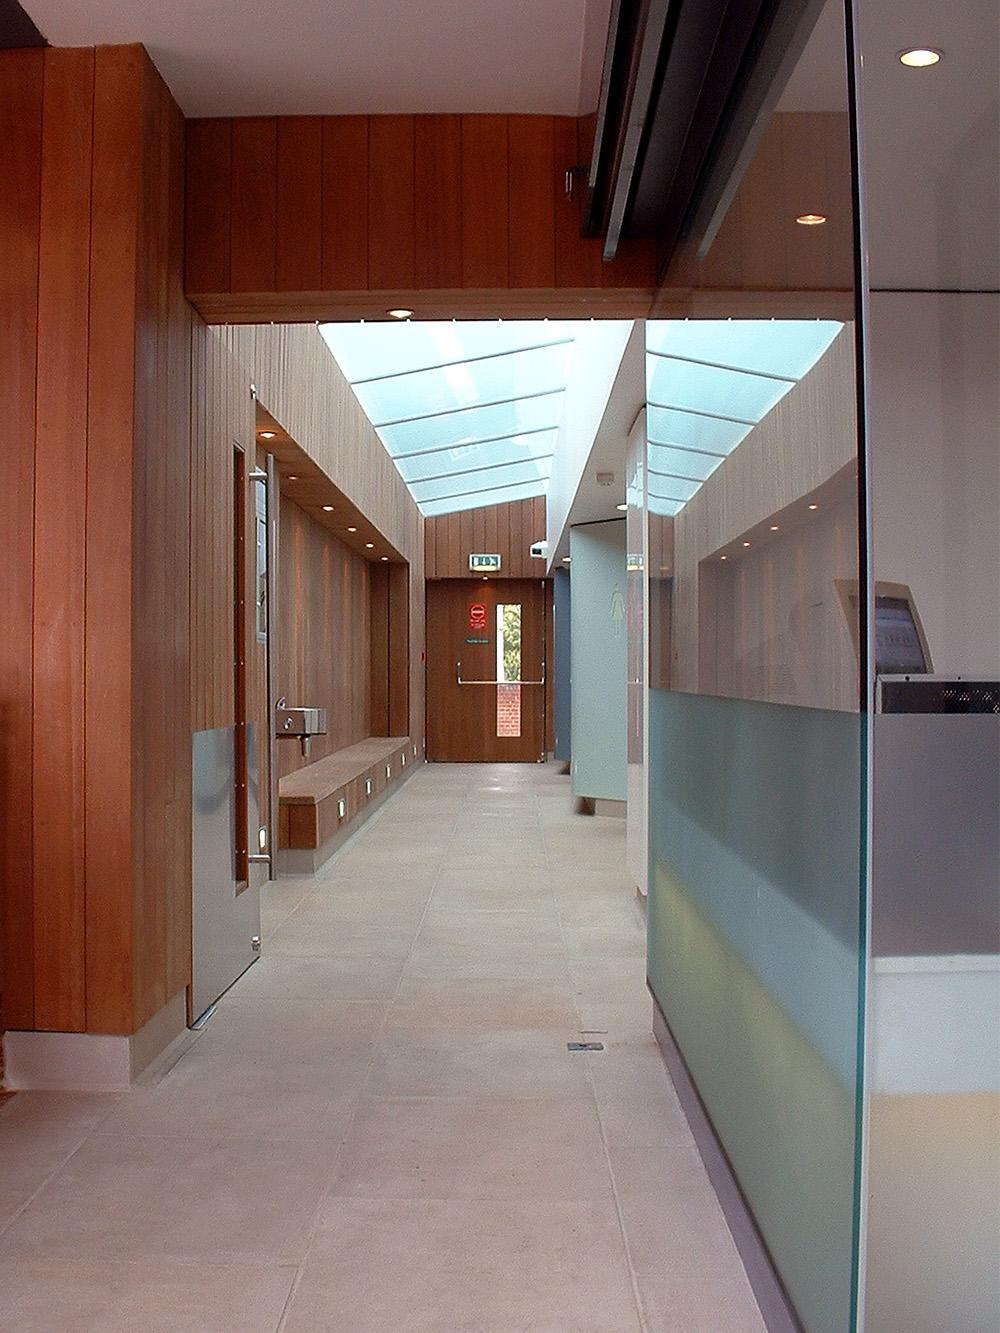 Design Engine Comfort Station Leighton Buzzard